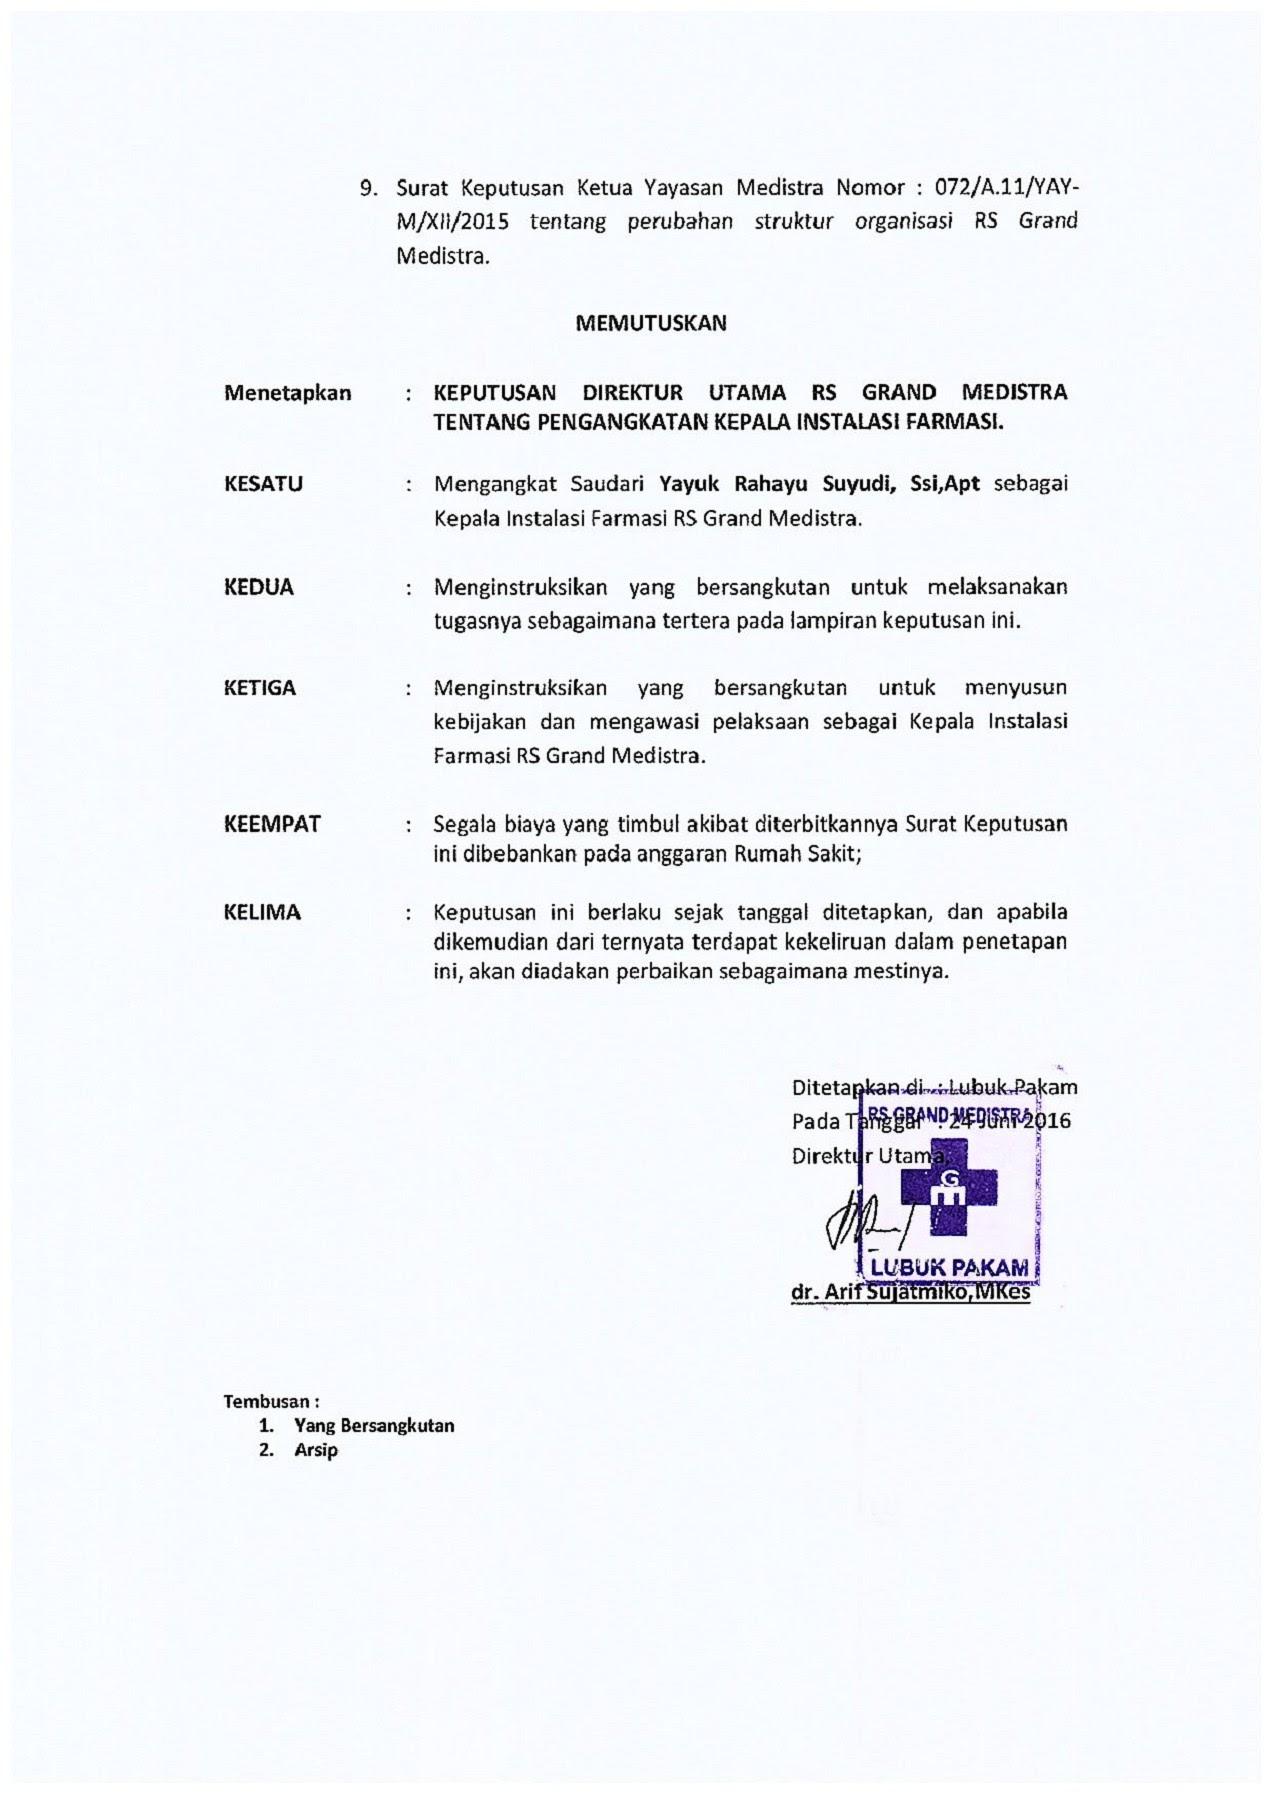 Contoh Surat Keputusan Struktur Organisasi Rumah Sakit